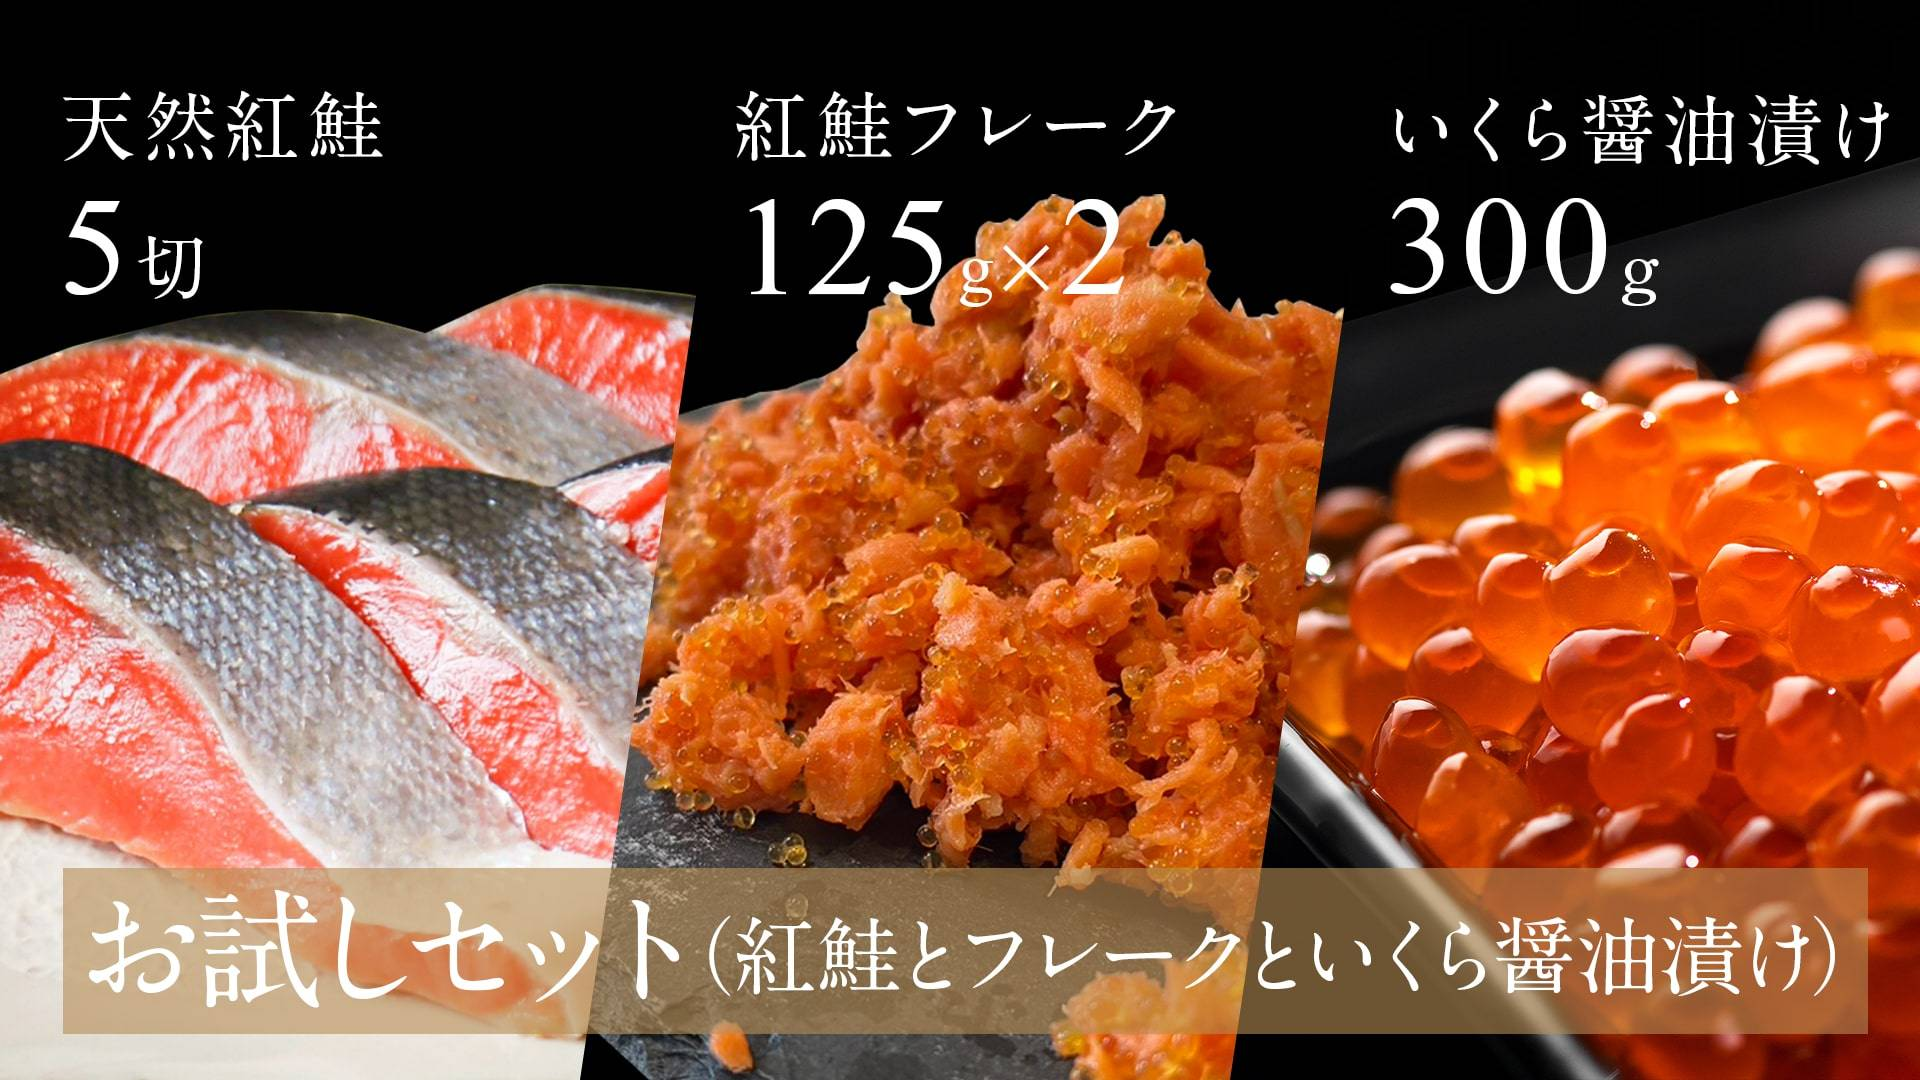 【お試しセット】天然紅鮭切り身&紅鮭フレークと2020新物いくらの醤油漬け3点セット